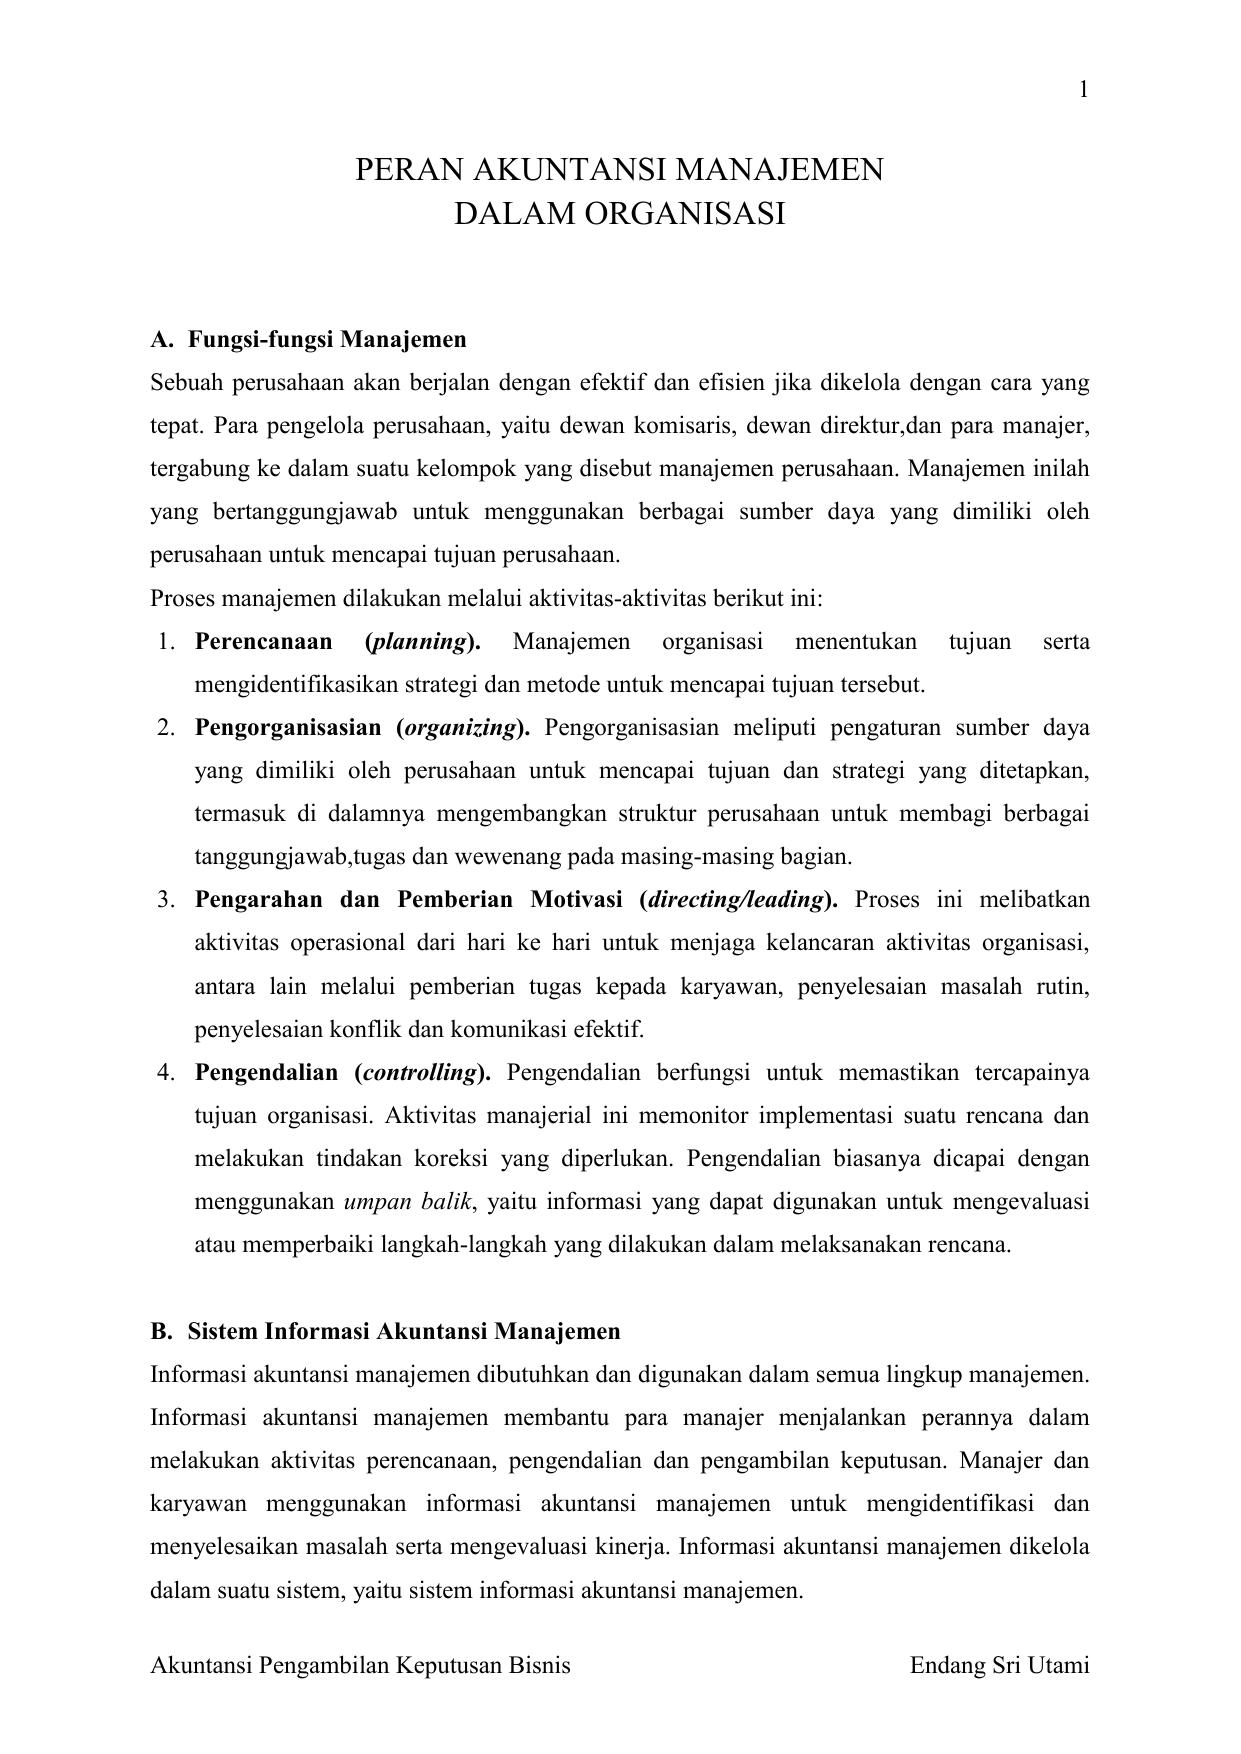 Peran Akuntansi Manajemen Dalam Organisasi